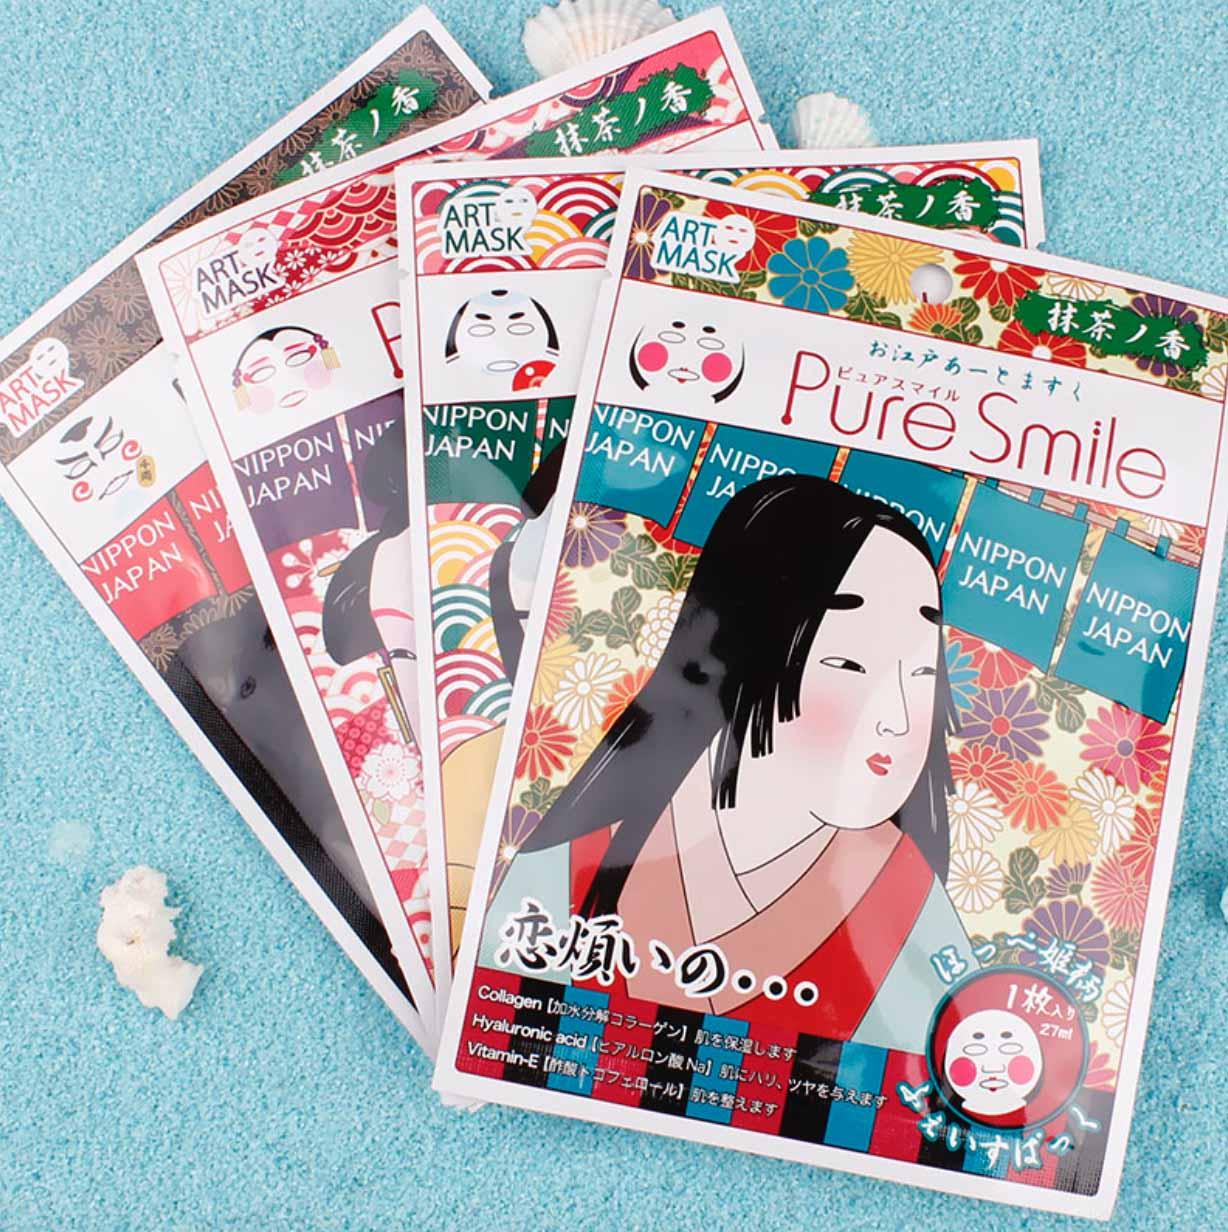 健康 - Magazine cover